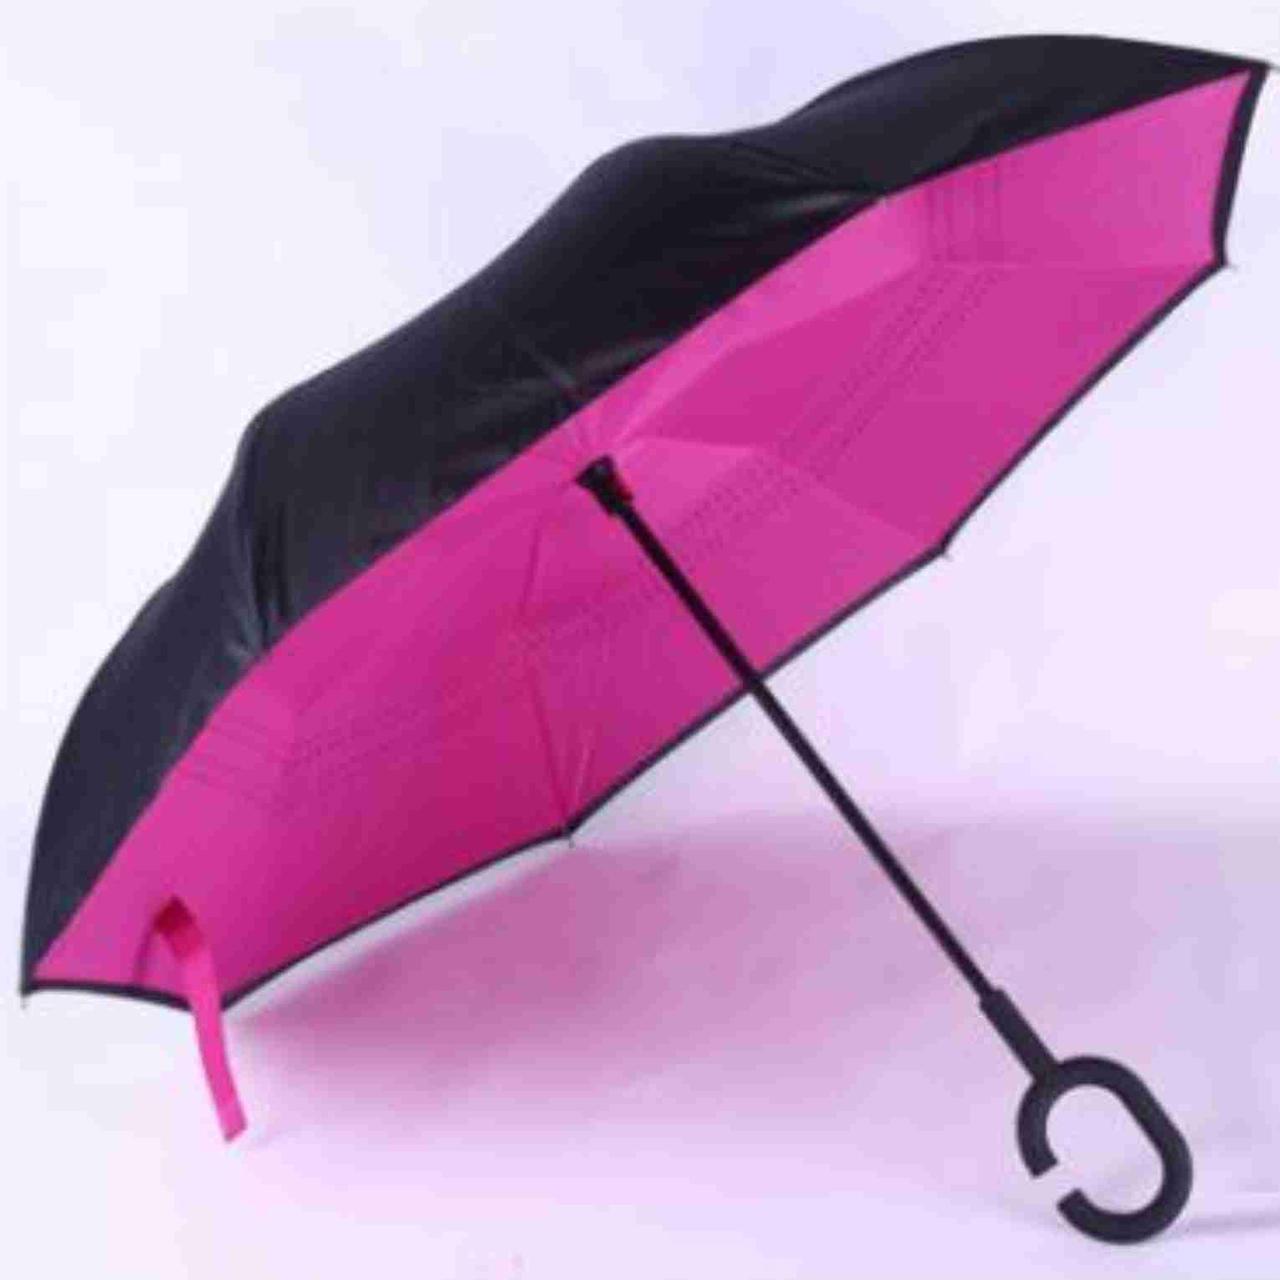 Зонтик одноцветной umbrella, Зонт наоборот, Складной механический зонт, Зонт-перевертыш, Зонт трость розовый